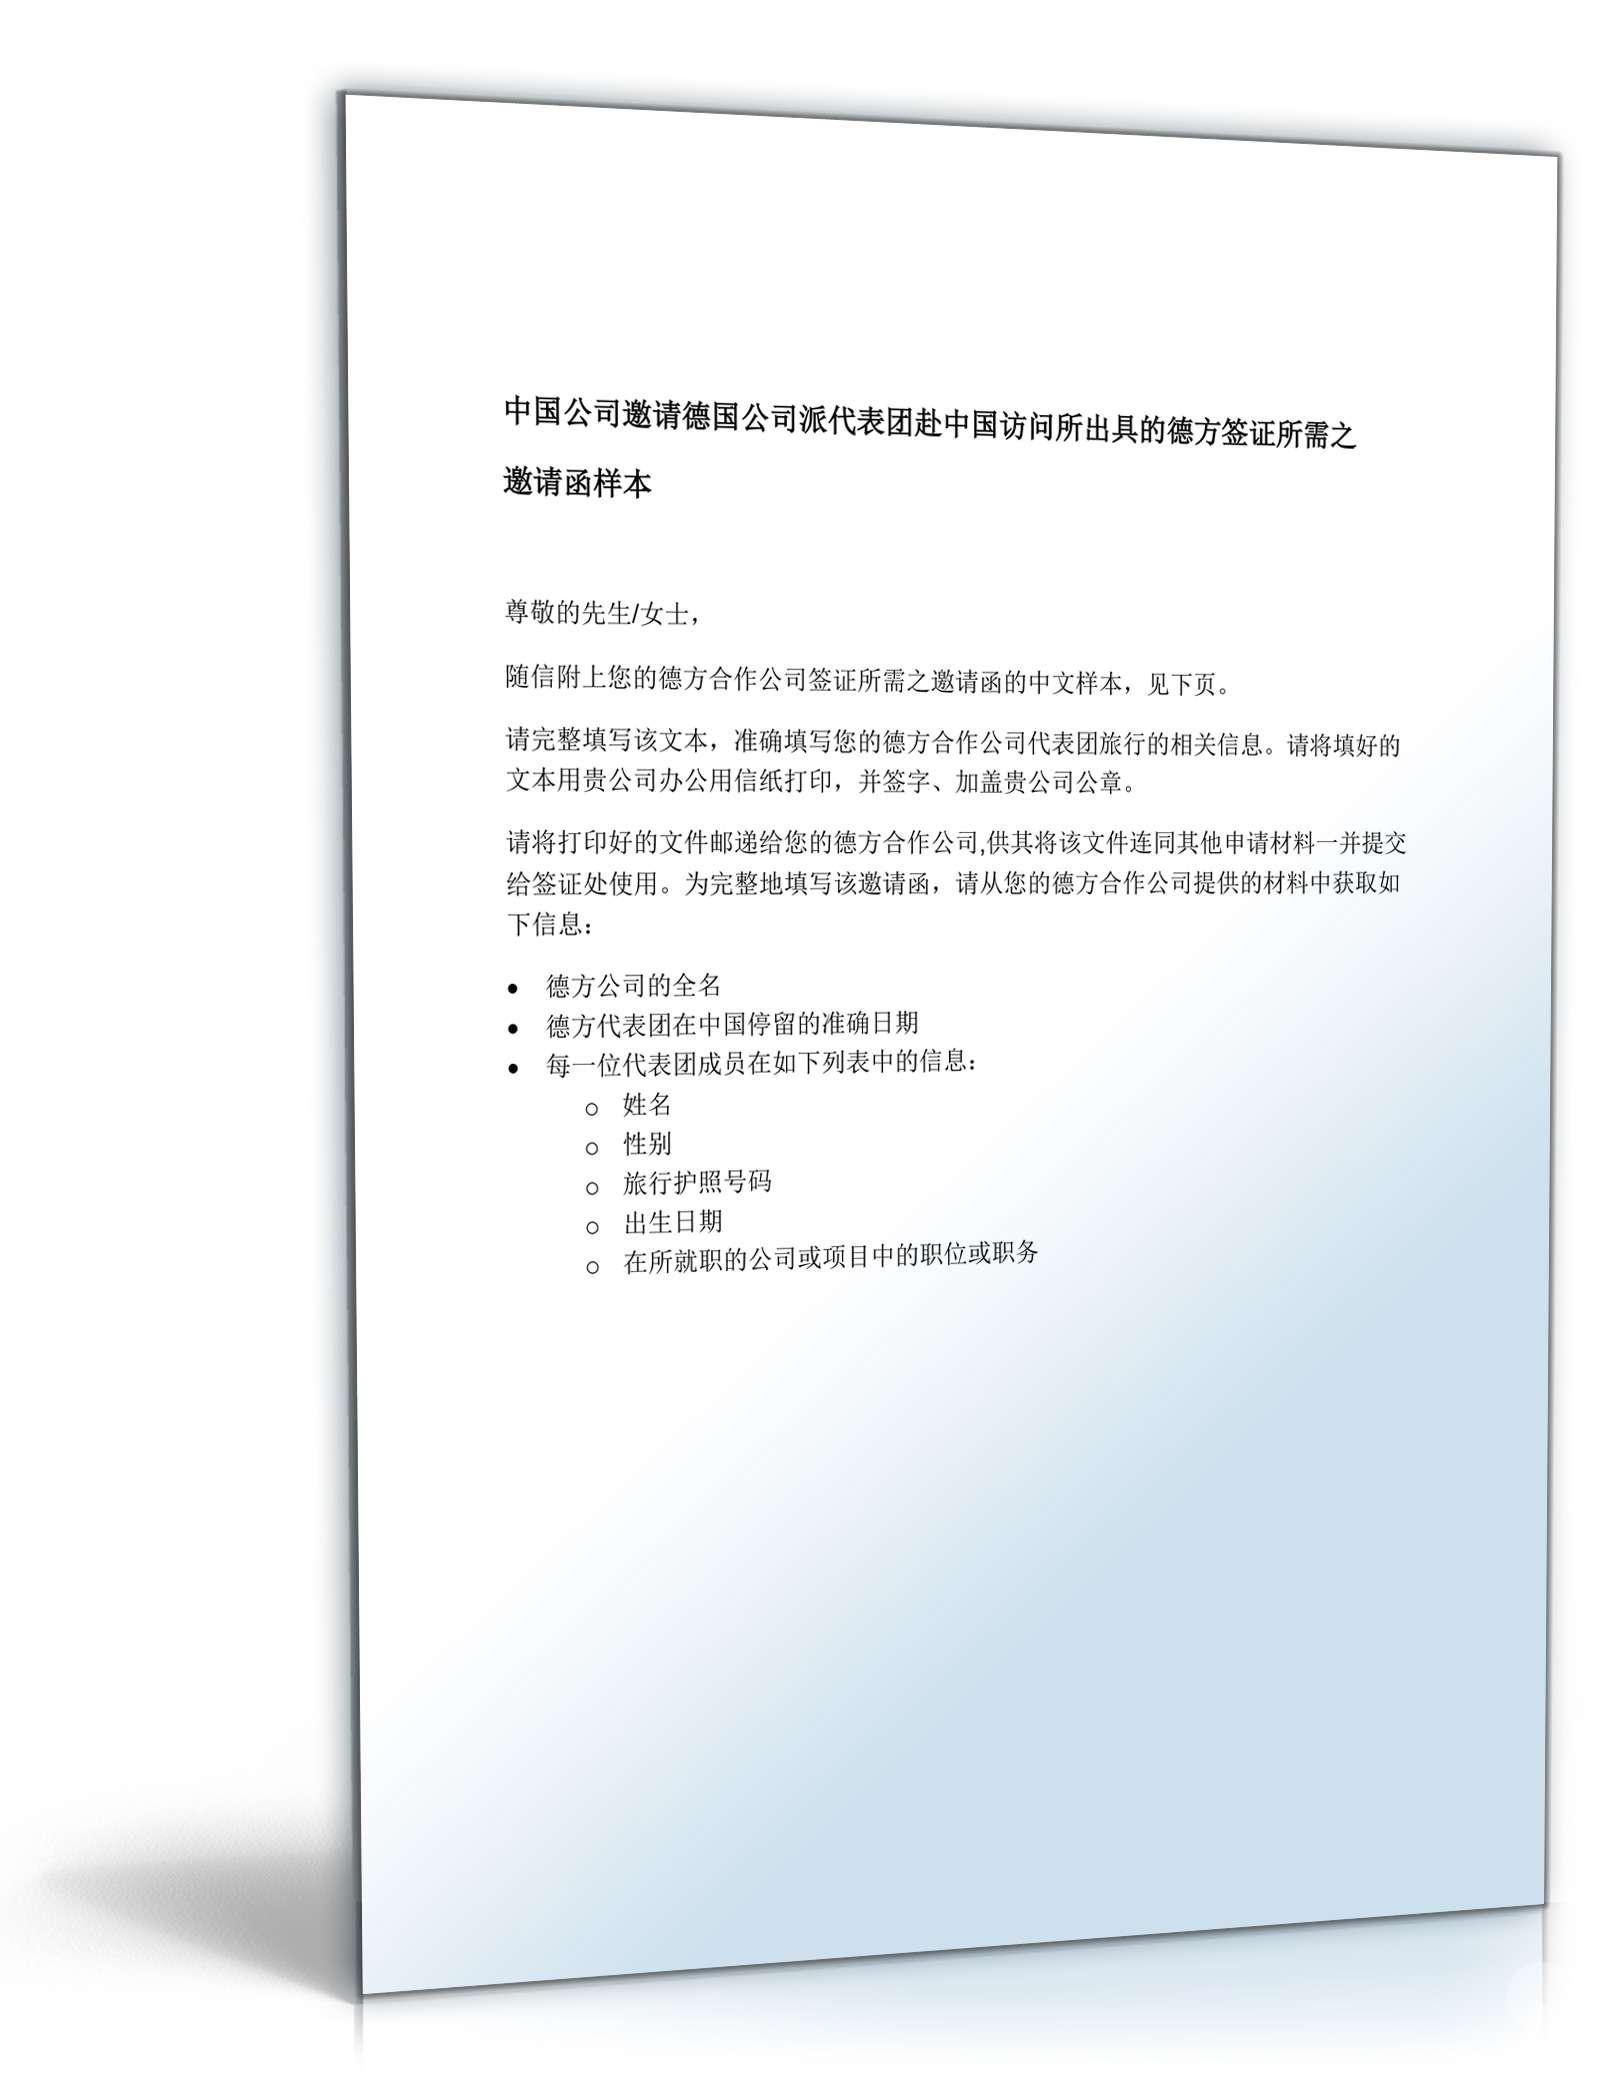 Einladungsschreiben einer chinesischen Firma | Muster zum Download